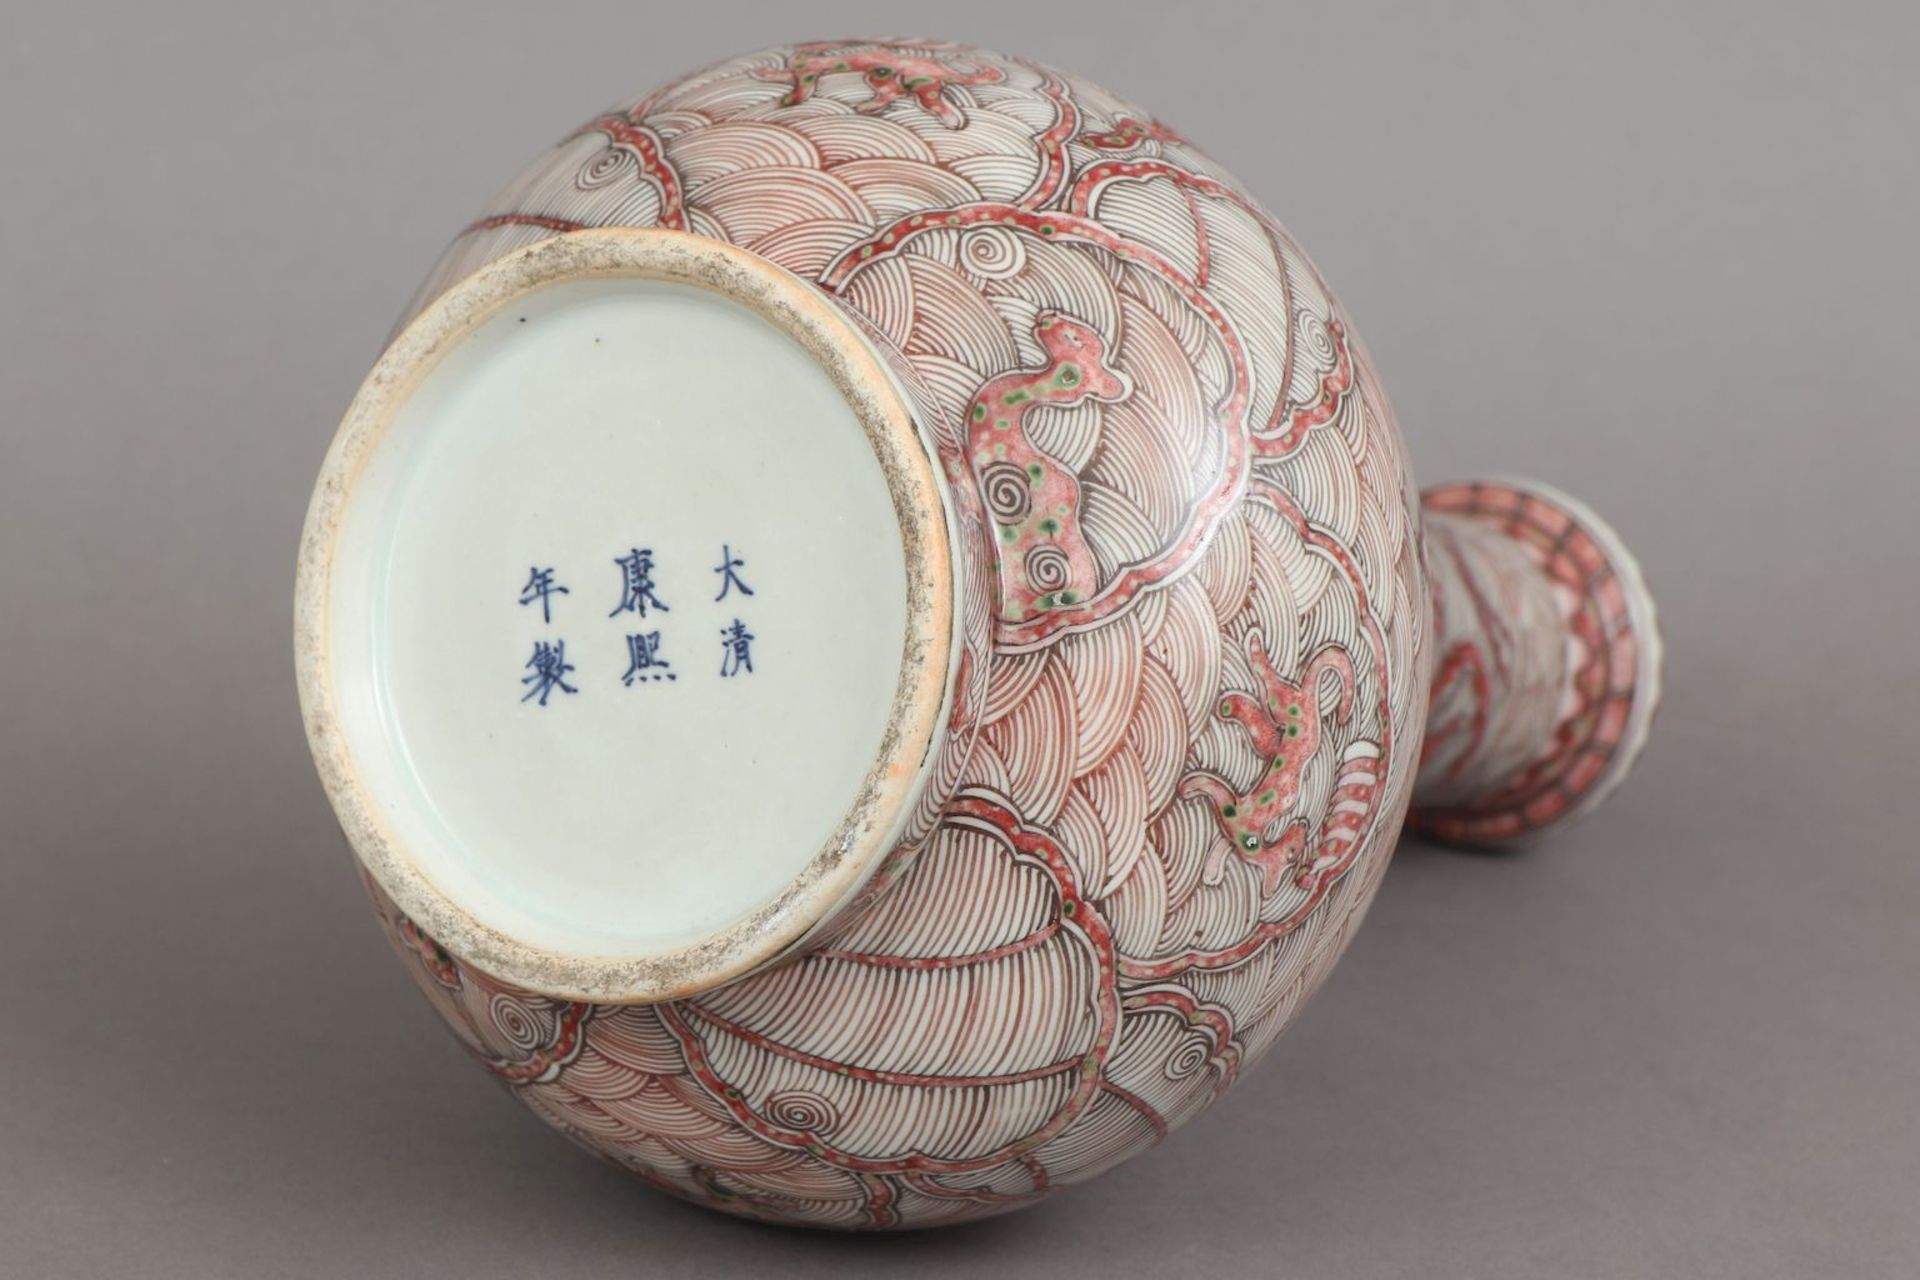 Chinesische Porzellanvase mit korallenrotem Drachendekor - Image 5 of 5